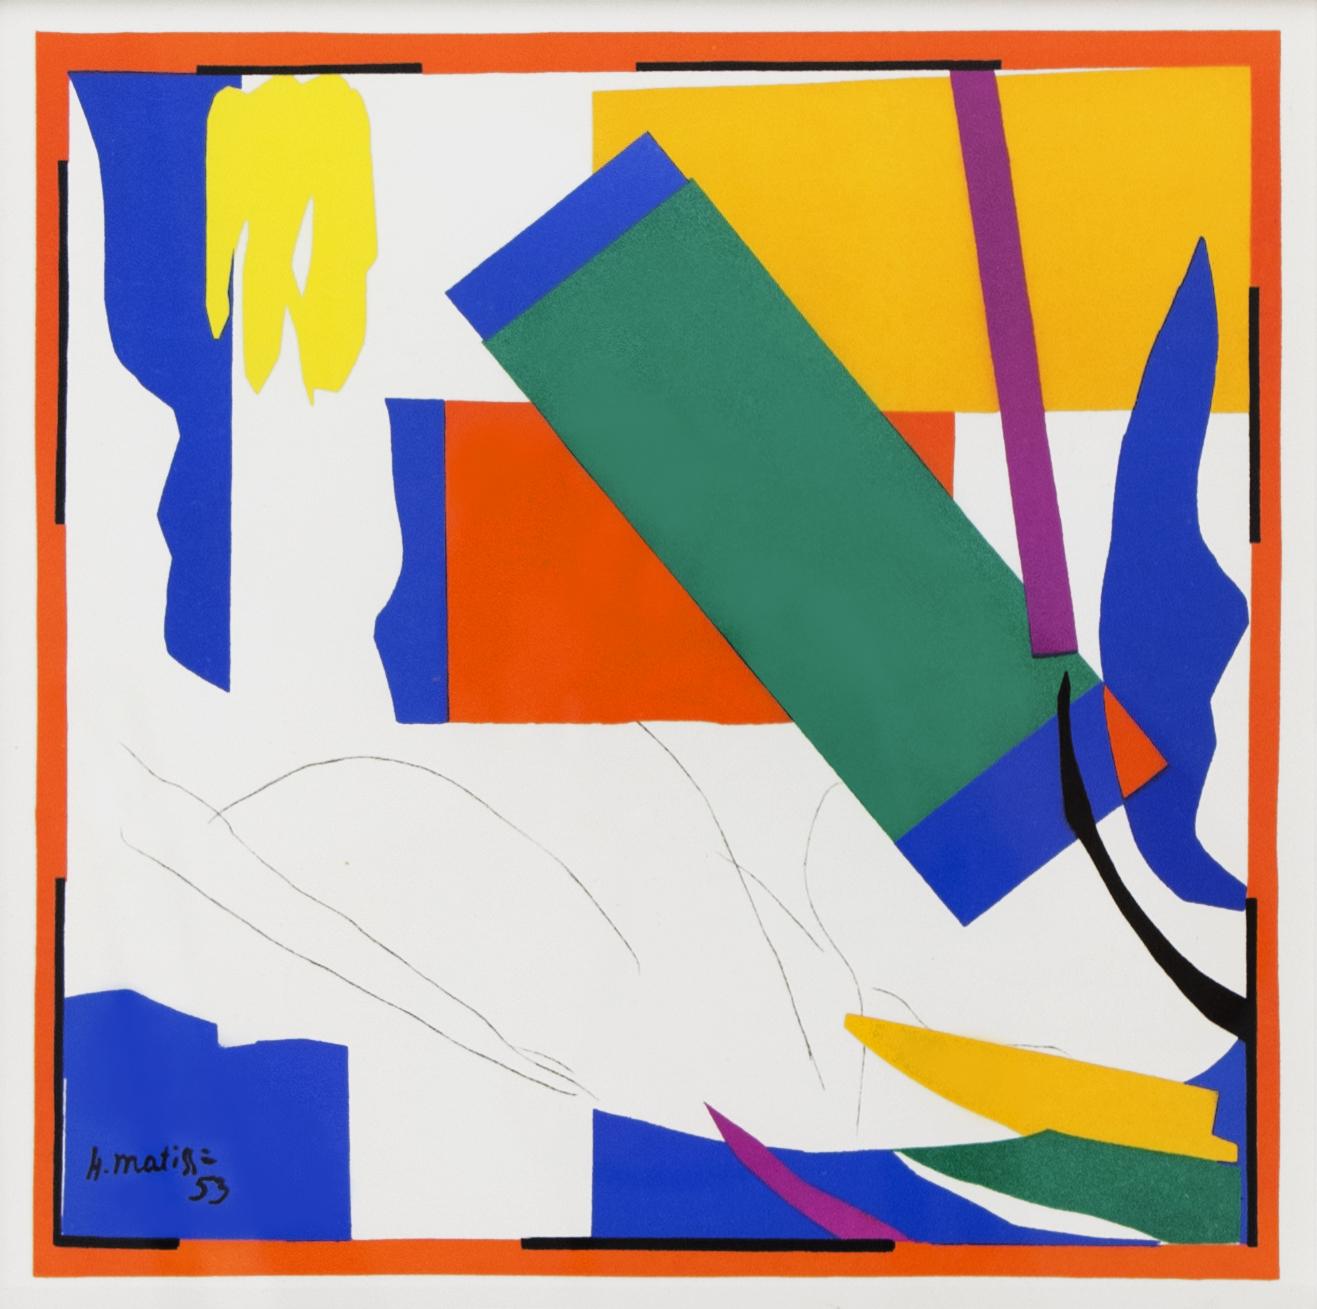 Matisse-henri-Souvenir-d'Océanie-memory-of-oceania-1953-cutouts-moma-tate-modern-lithograph-mourlot-unframed.jpg